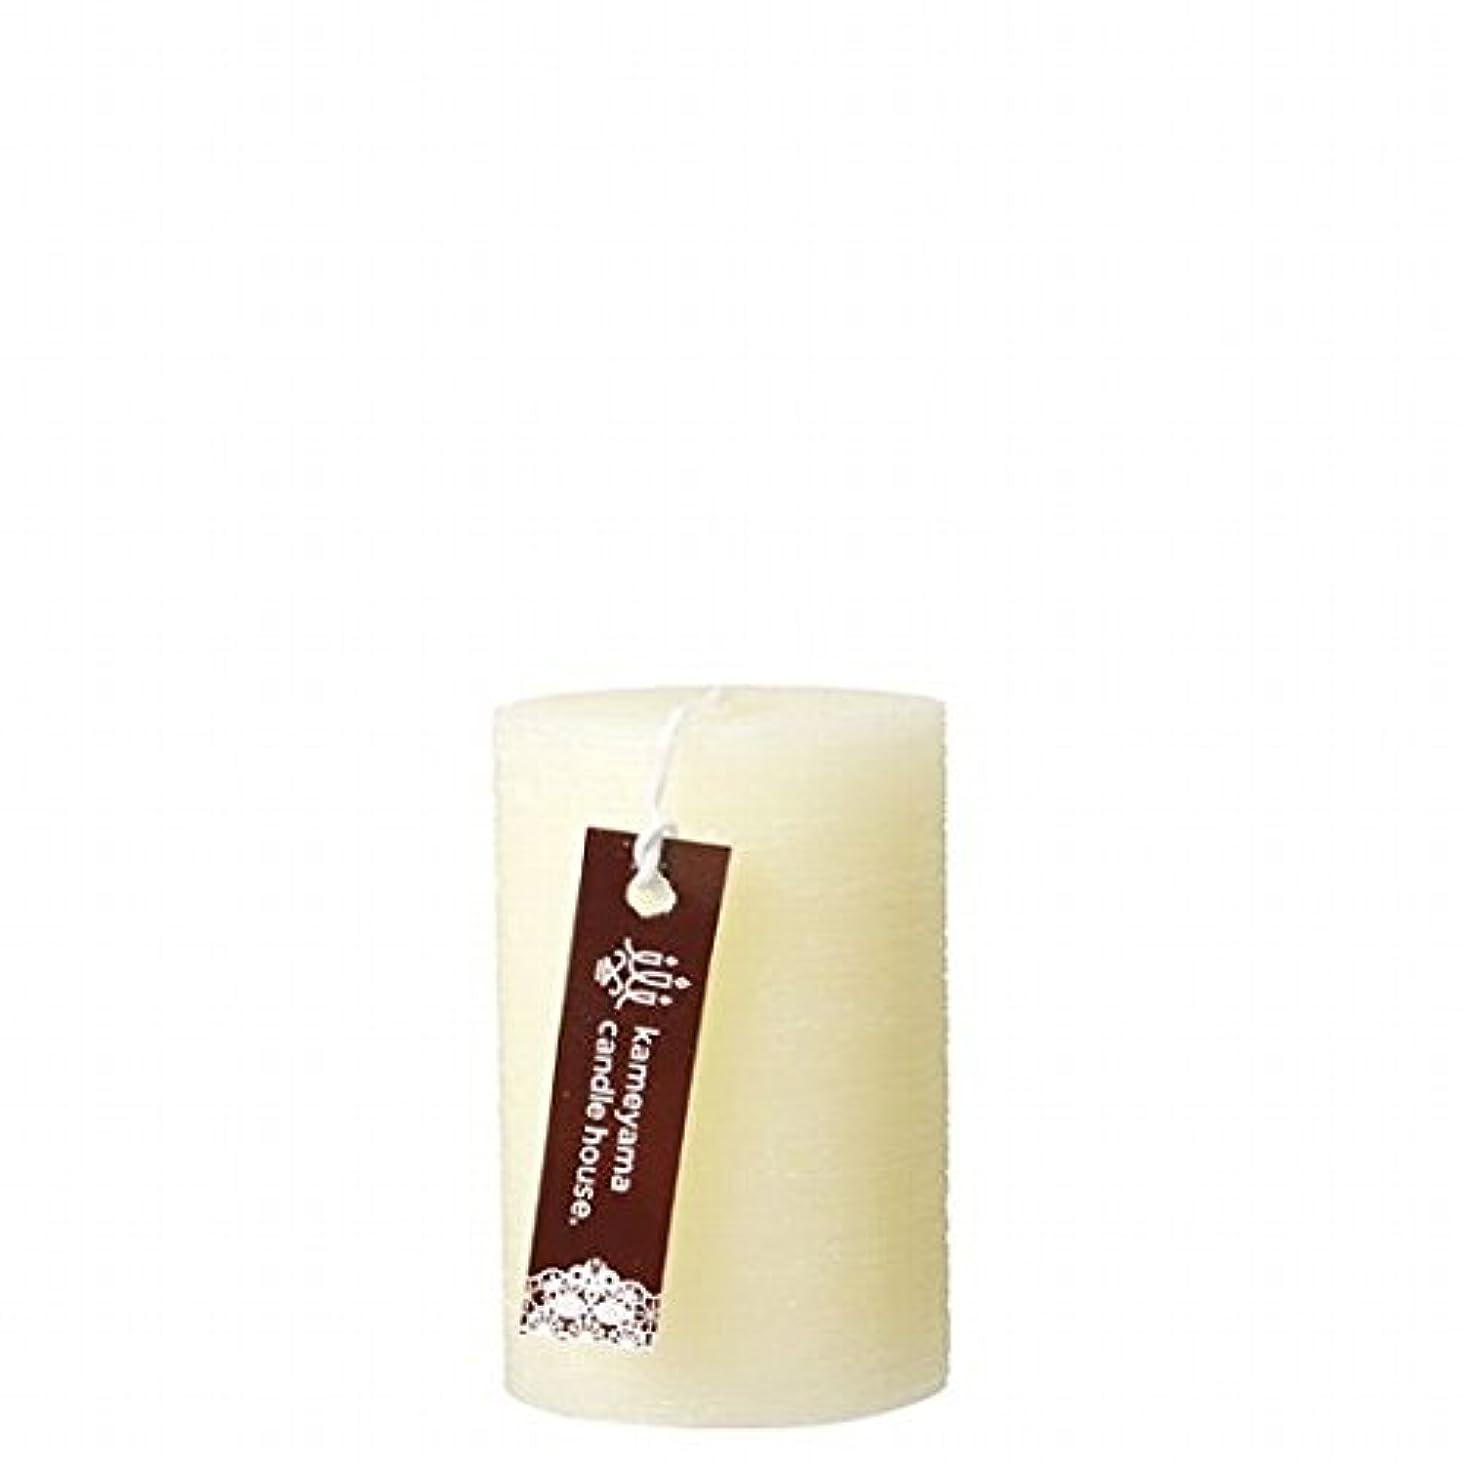 本気代名詞バーマドカメヤマキャンドル(kameyama candle) ブラッシュピラー2×3 「 アイボリー 」